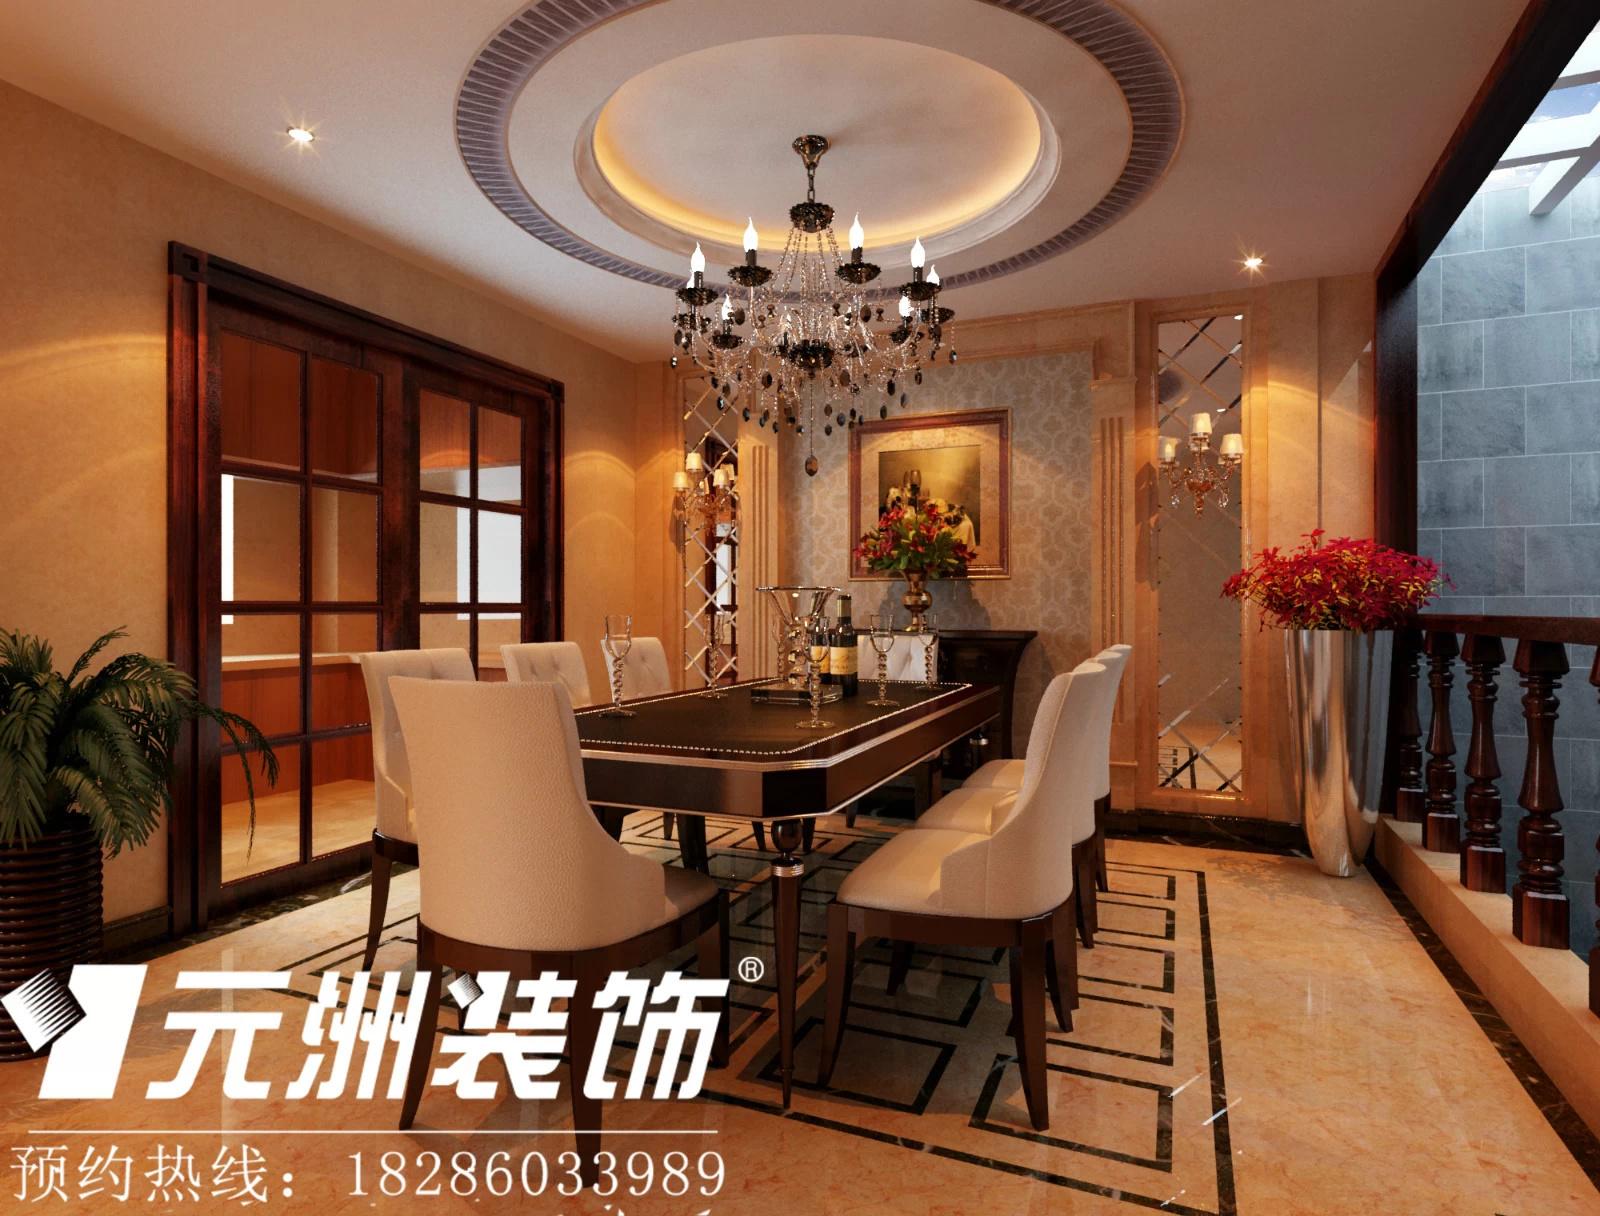 金华世家586平米独栋别墅欧式风格装修设计--首席设计